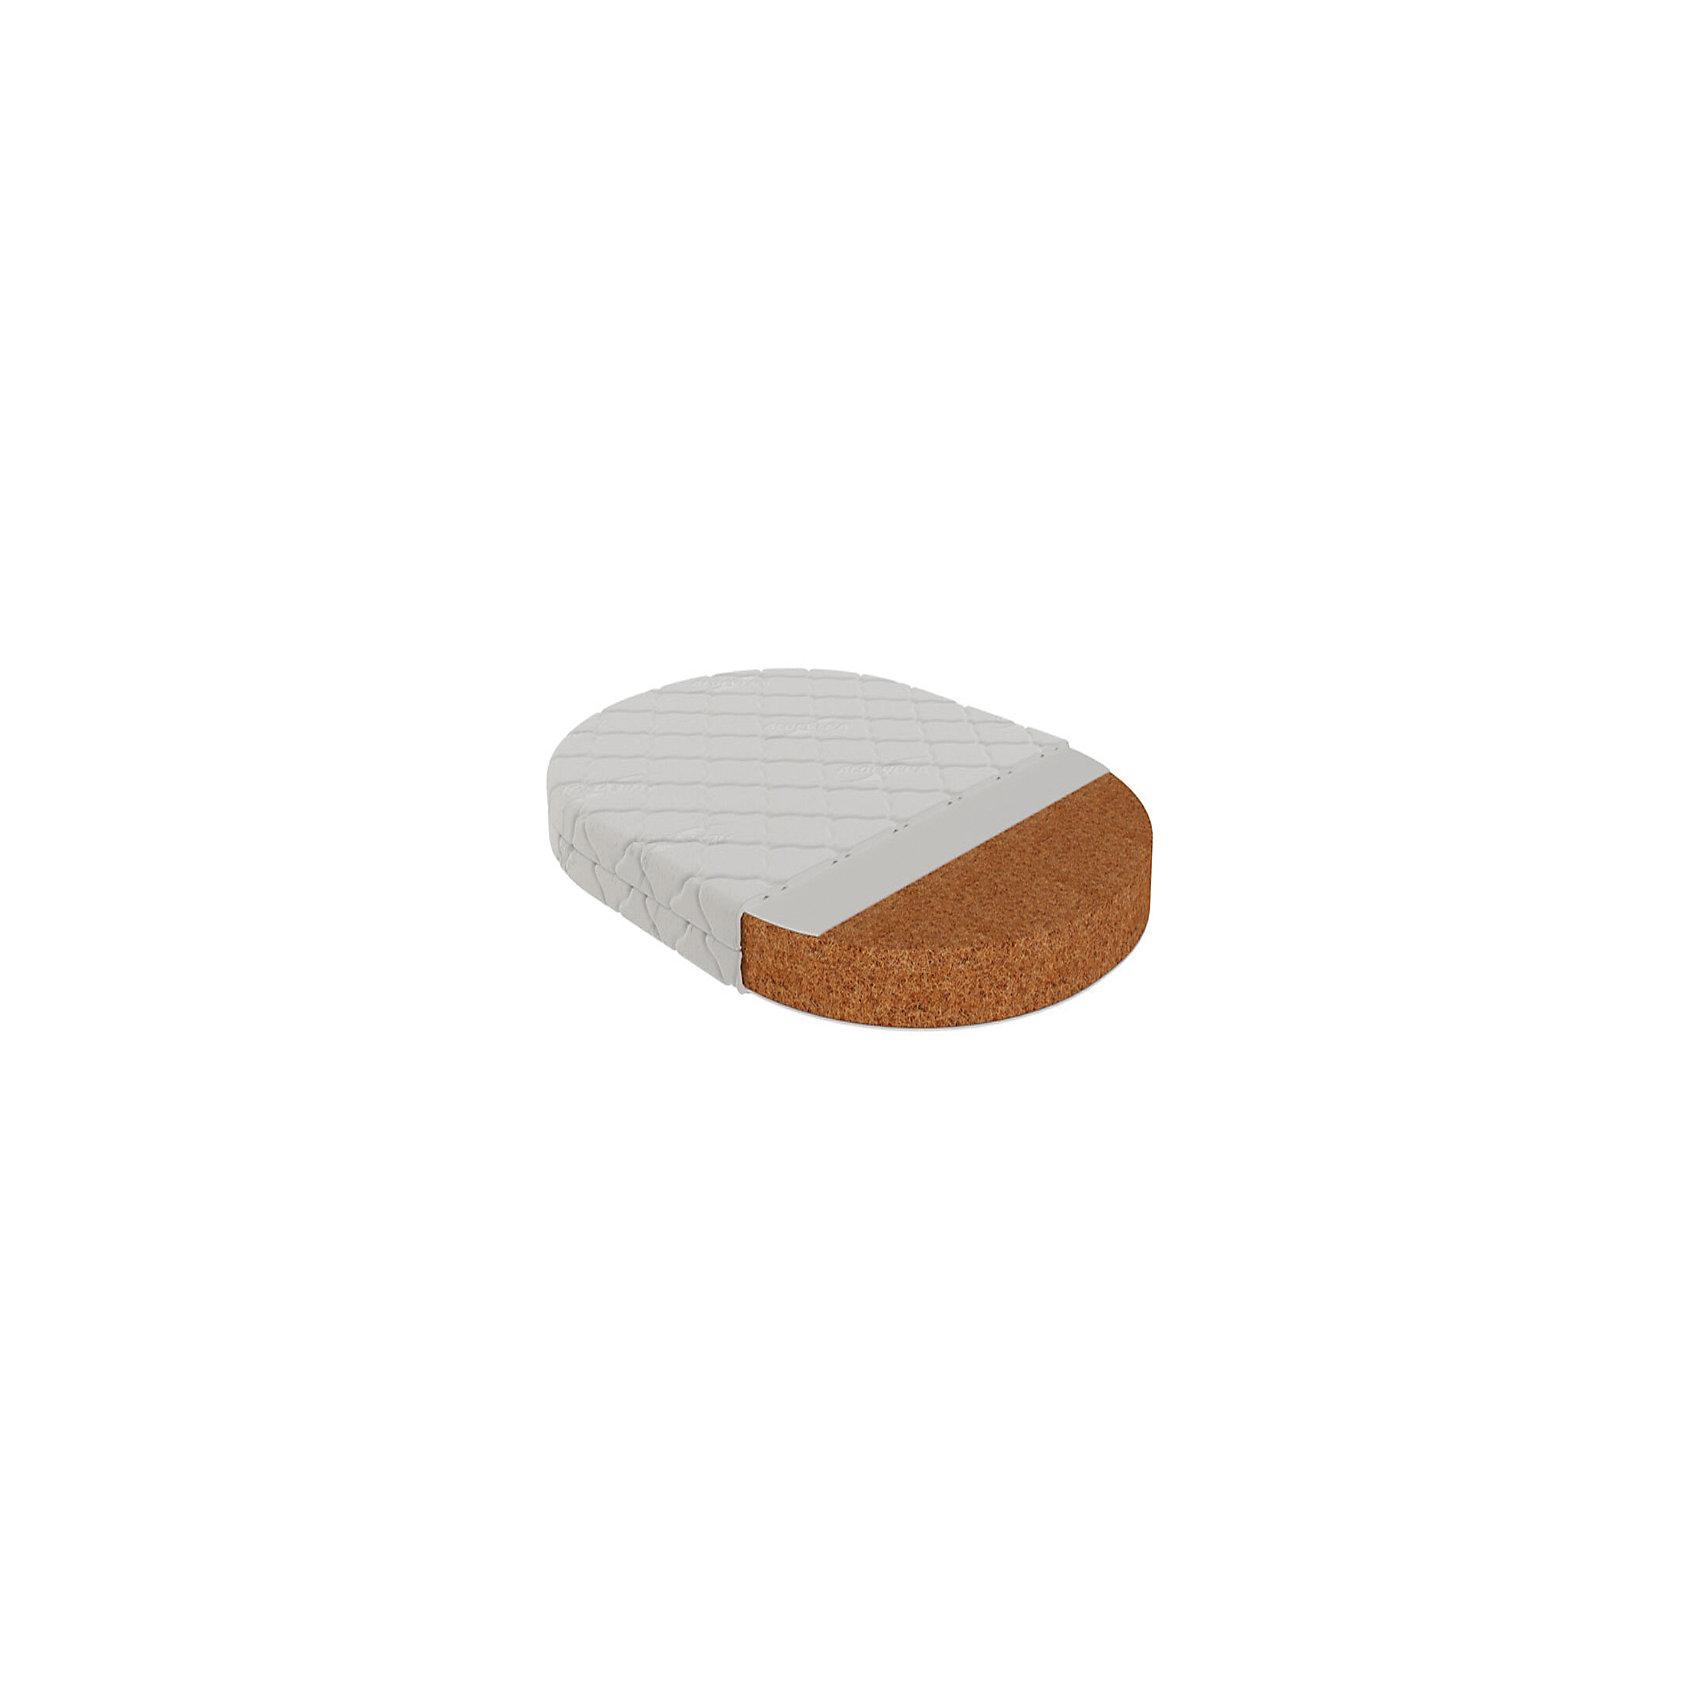 Матрас Перуджа круглый 65х65, VikalexДетские матрасы<br>Характеристики:<br><br>• двусторонний матрас для пеленального столика;<br>• размер матраса: 65х65х6,5 см;<br>• основа: беспружинный;<br>• материал: кокосовое волокно, 8 слоев, нетканый материал Airotek;<br>• чехол с пропиткой алоэ-вера с защитой от клещей;<br>• стеганый чехол из бязи, застежка-молния;<br>• чехол можно снять и постирать при температуре 30 градусов;<br>• вес матраса: 4,6 кг.<br><br>Матрас одинаково степени жесткости дает возможность укладывать ребенка на ровное жесткое основание, для формирования правильной осанки. Матрас гарантирует комфорт и при этом анатомически правильную поддержку позвоночника ребенка. Эластичность и прочность матраса наряду с гипоаллергенностью и воздухопроницаемостью отвечает самым высоким европейским стандартам.  <br><br>Матрас Перуджа круглый 65х65, Vikalex можно купить в нашем магазине.<br><br>Ширина мм: 530<br>Глубина мм: 130<br>Высота мм: 580<br>Вес г: 3200<br>Возраст от месяцев: 0<br>Возраст до месяцев: 36<br>Пол: Унисекс<br>Возраст: Детский<br>SKU: 5353868